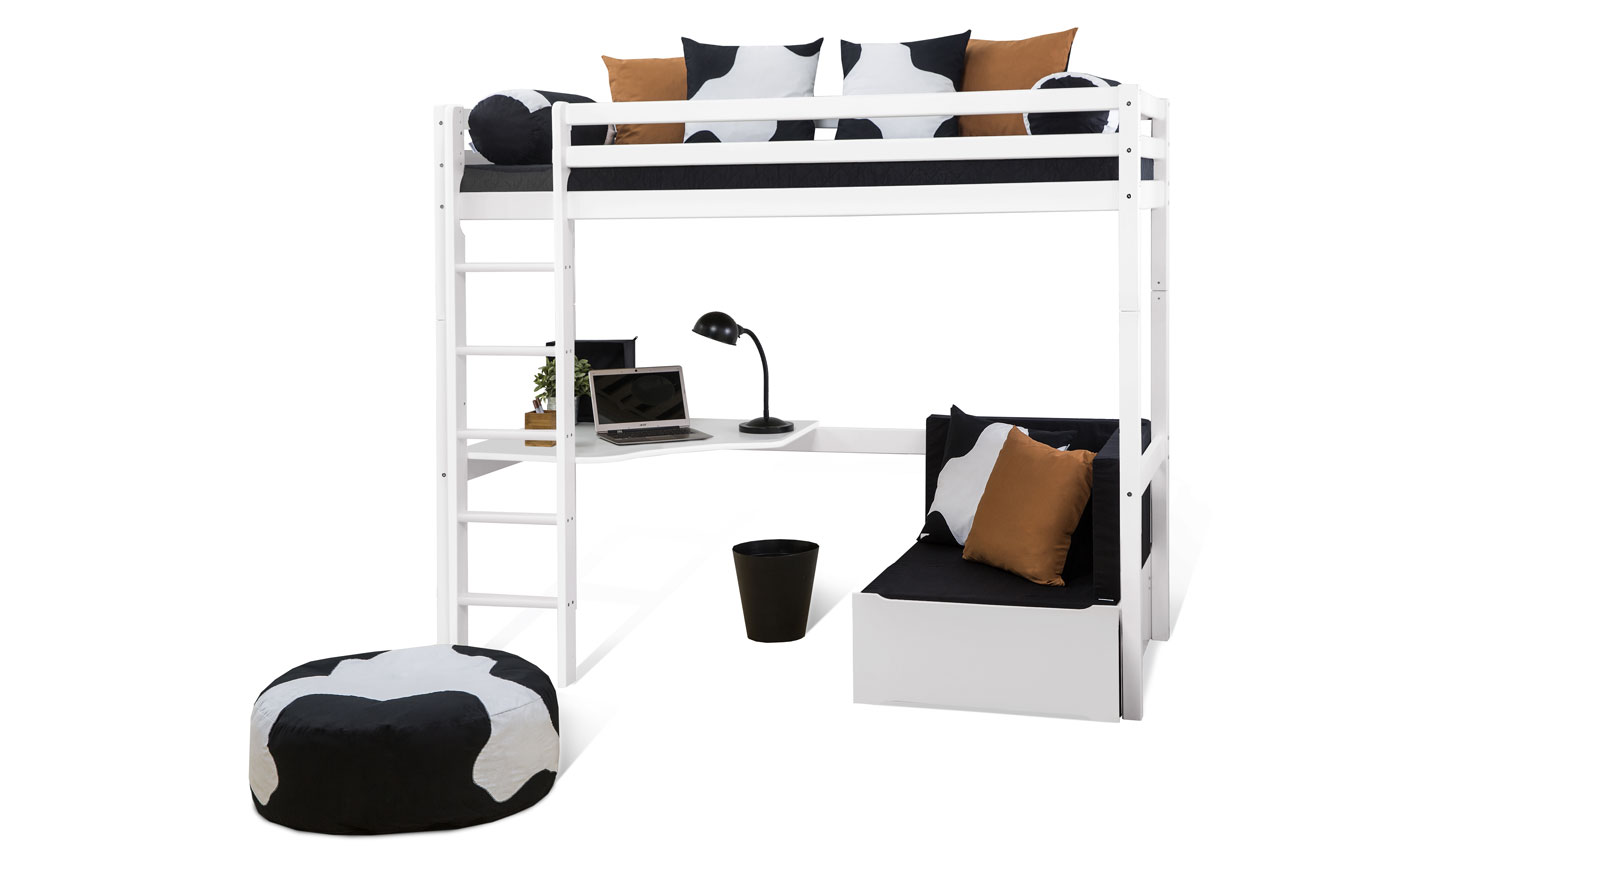 Schreibtischplatte ecke  Hochbett mit Schreibtisch und Couch - Kids Heaven mit Loungeecke